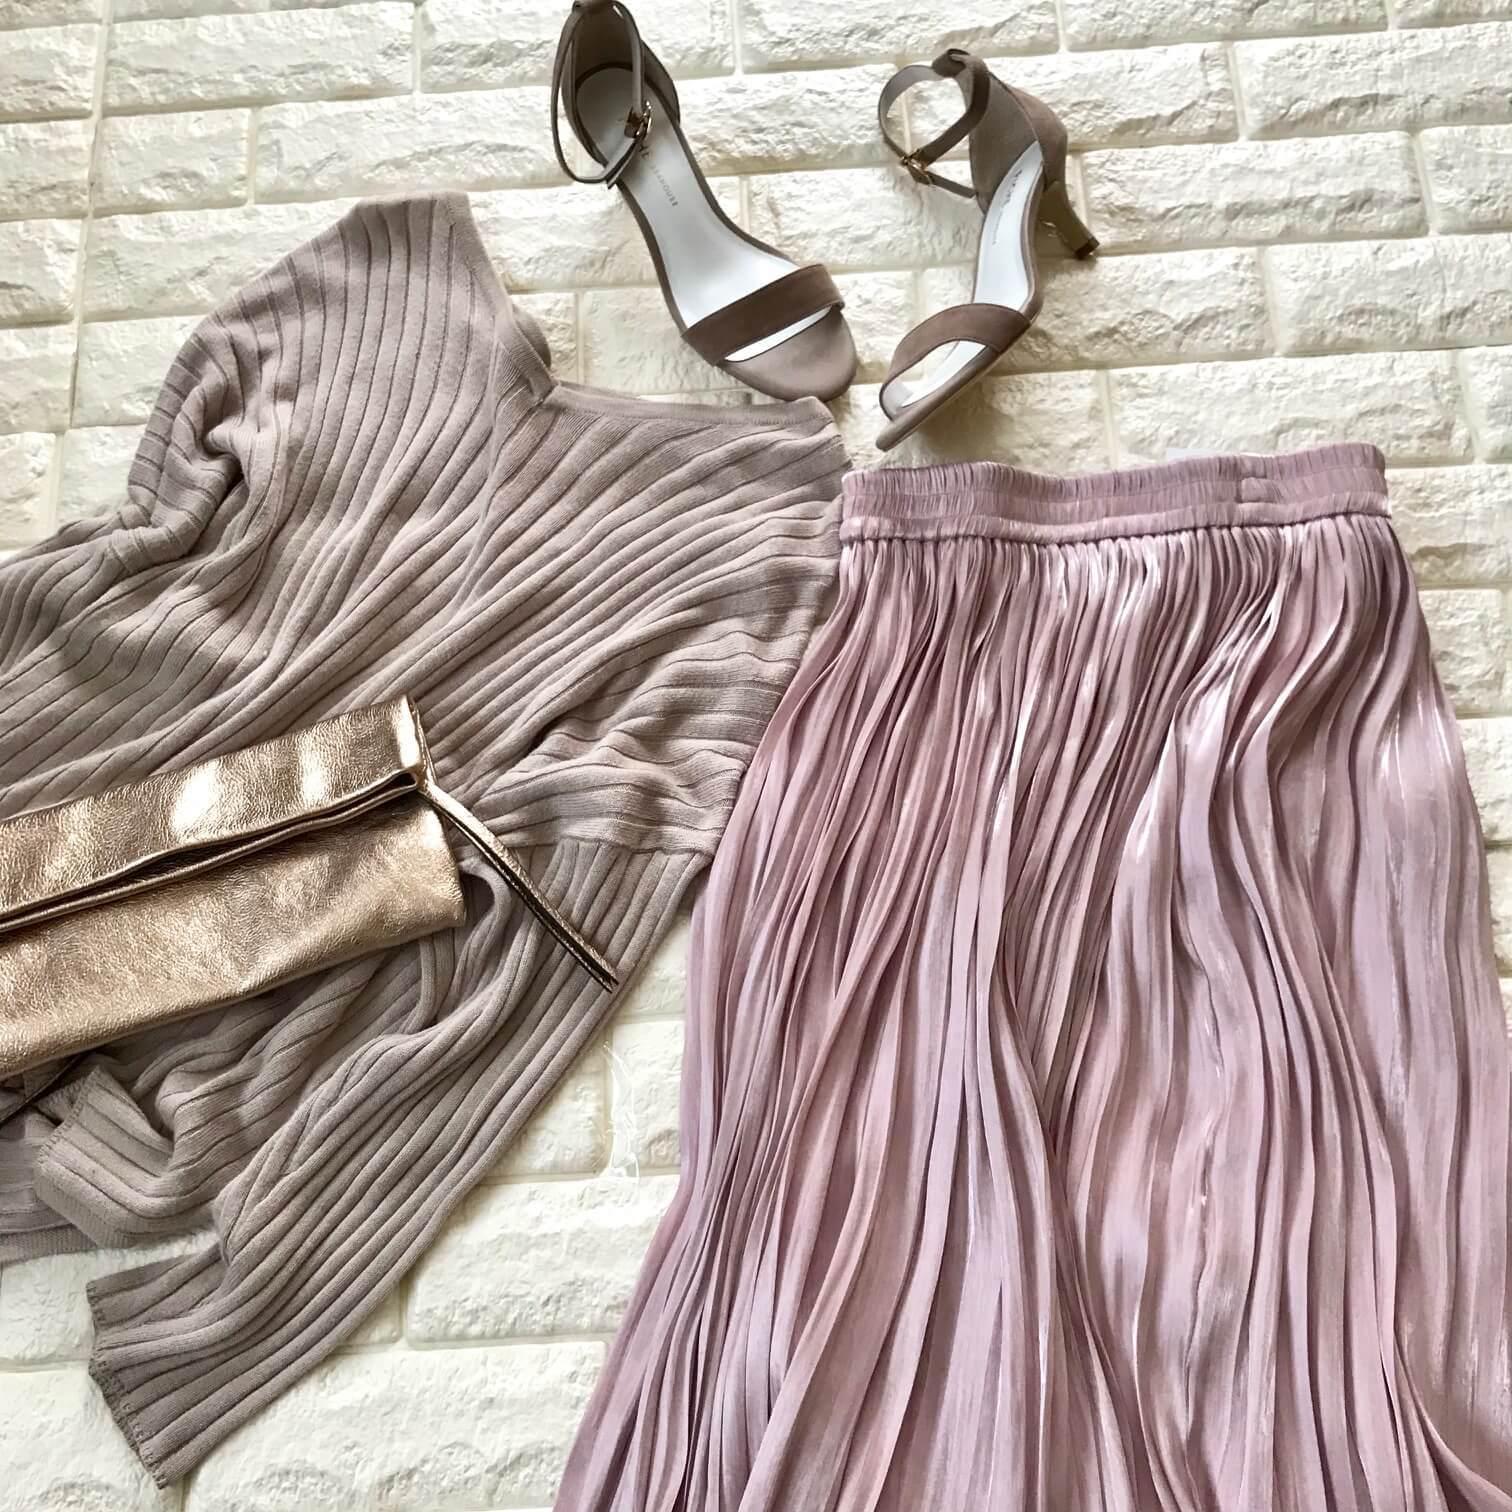 VISのピンクフレアスカートとベージュアイテムを合わせた画像